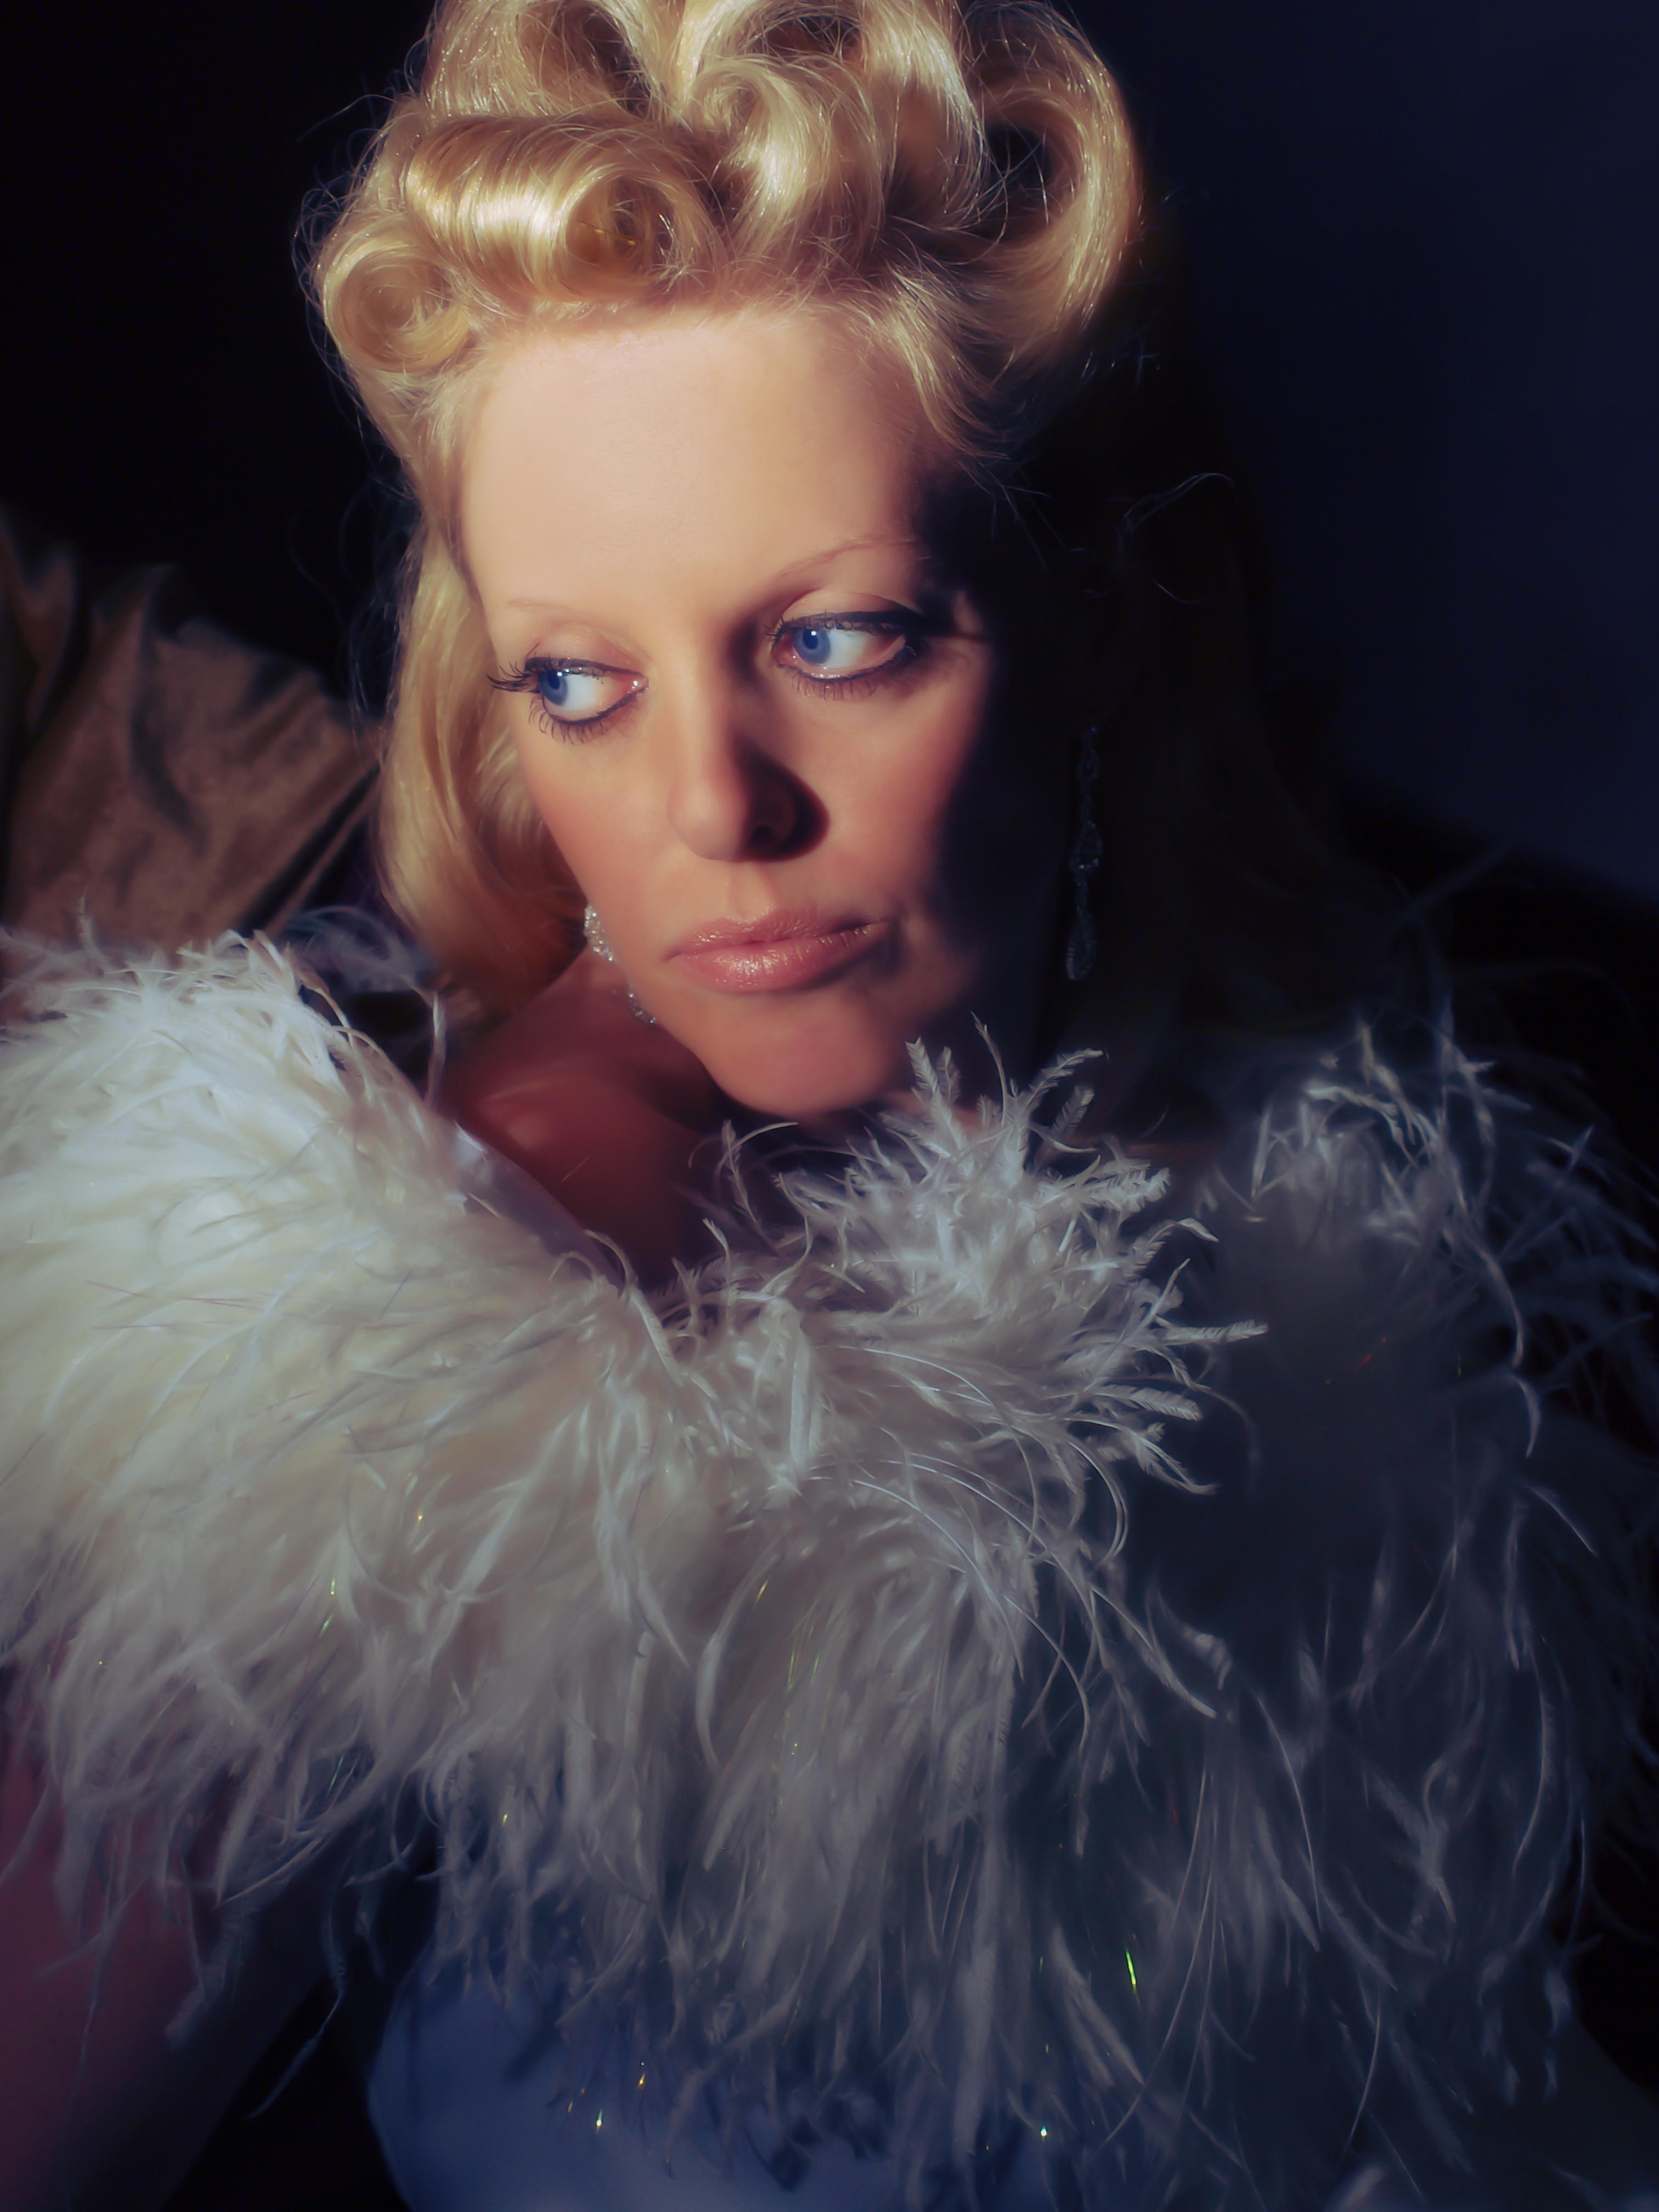 Vintage Vixen, Old Hollywood Glamour